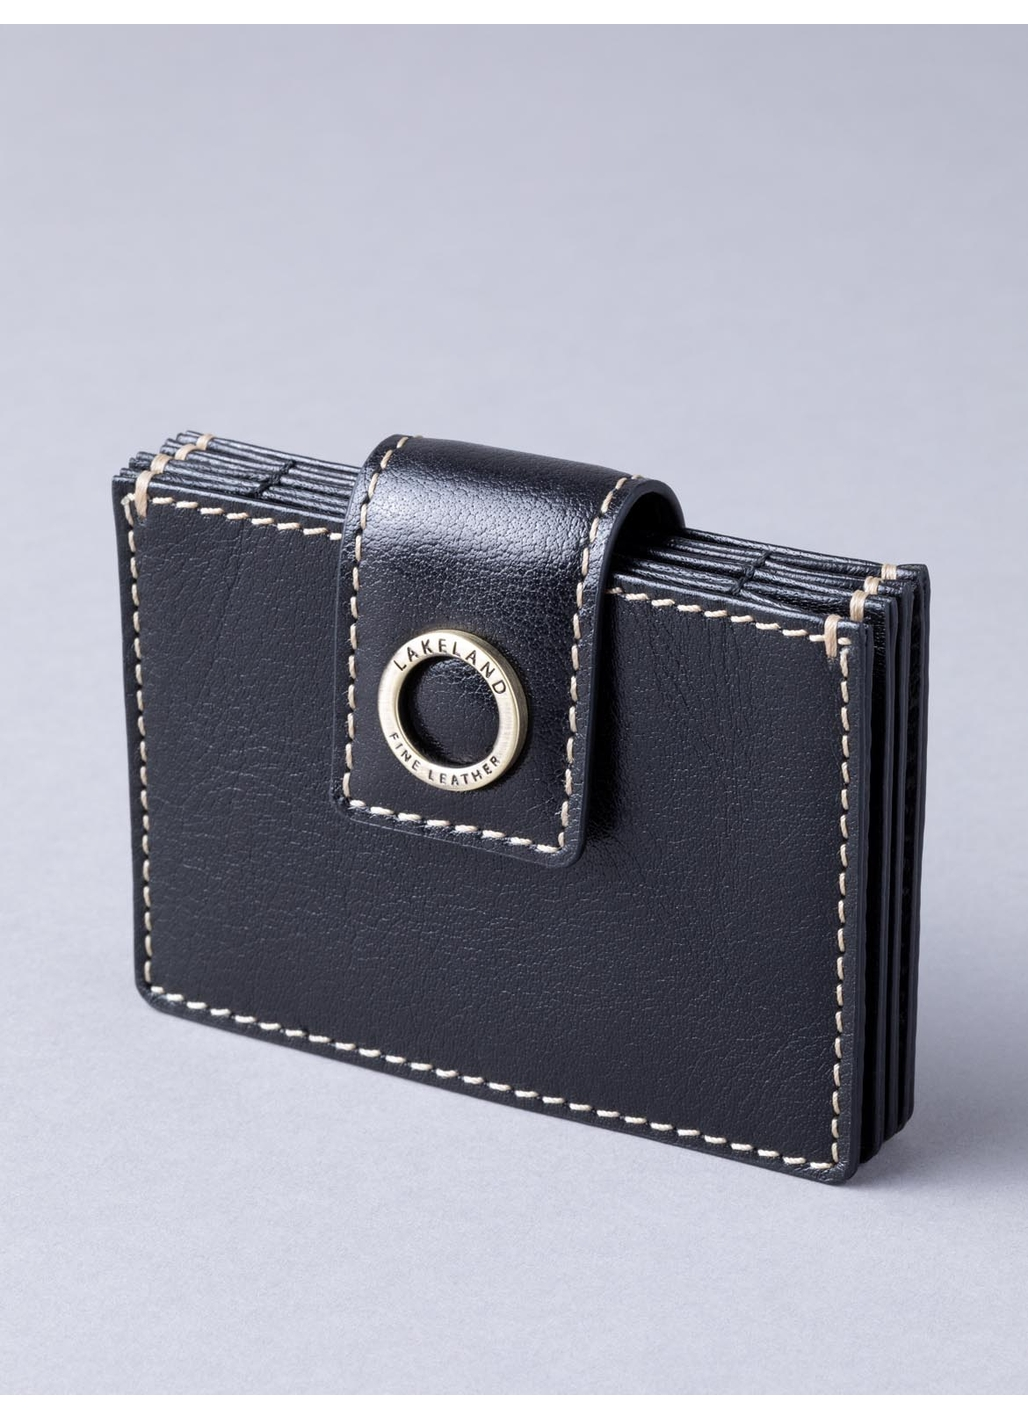 Birthwaite Leather Credit Card Holder in Black